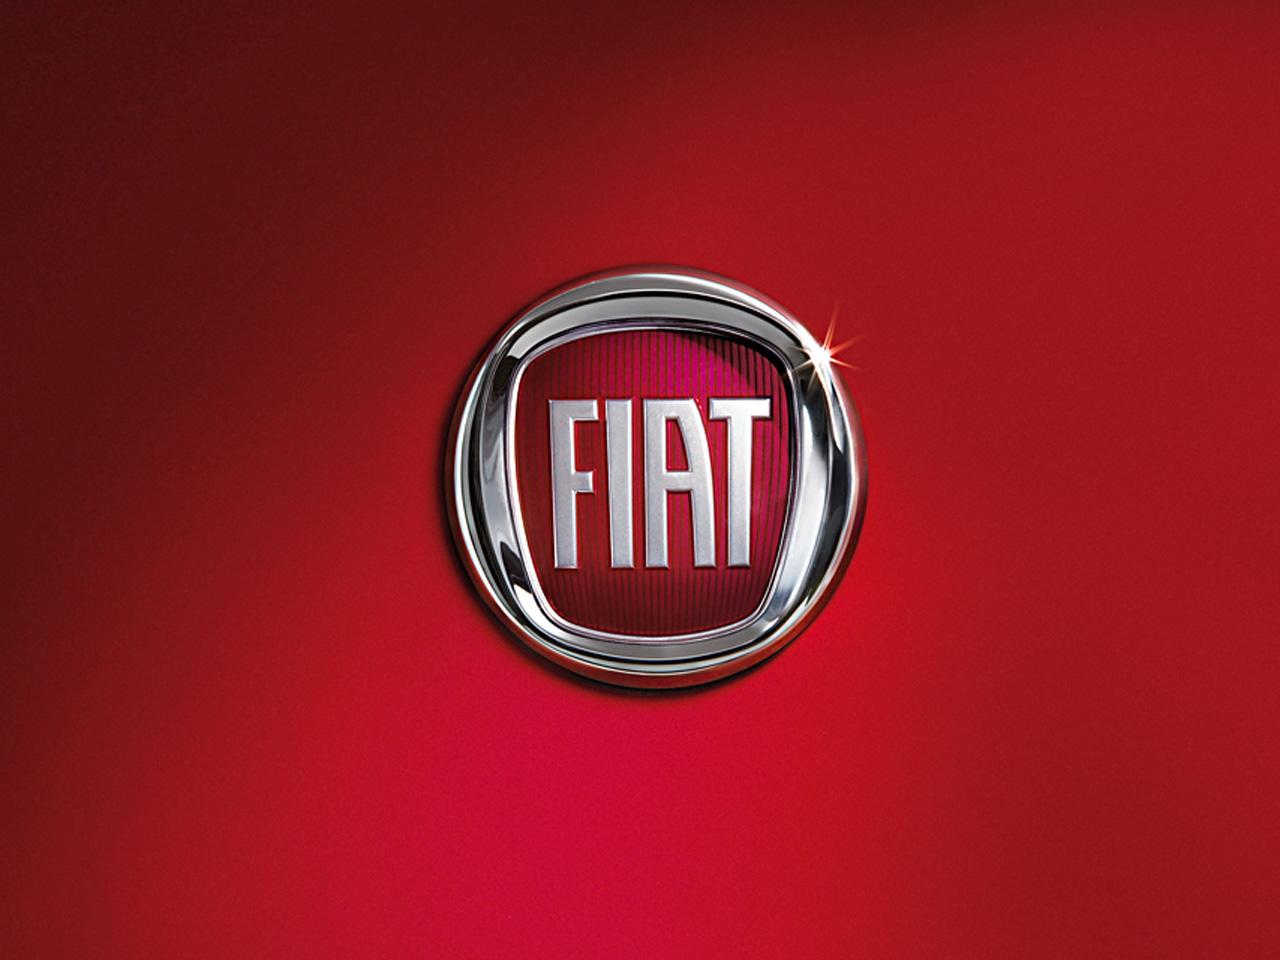 Fiat Logo wallpaper 1280x960 83856 1280x960